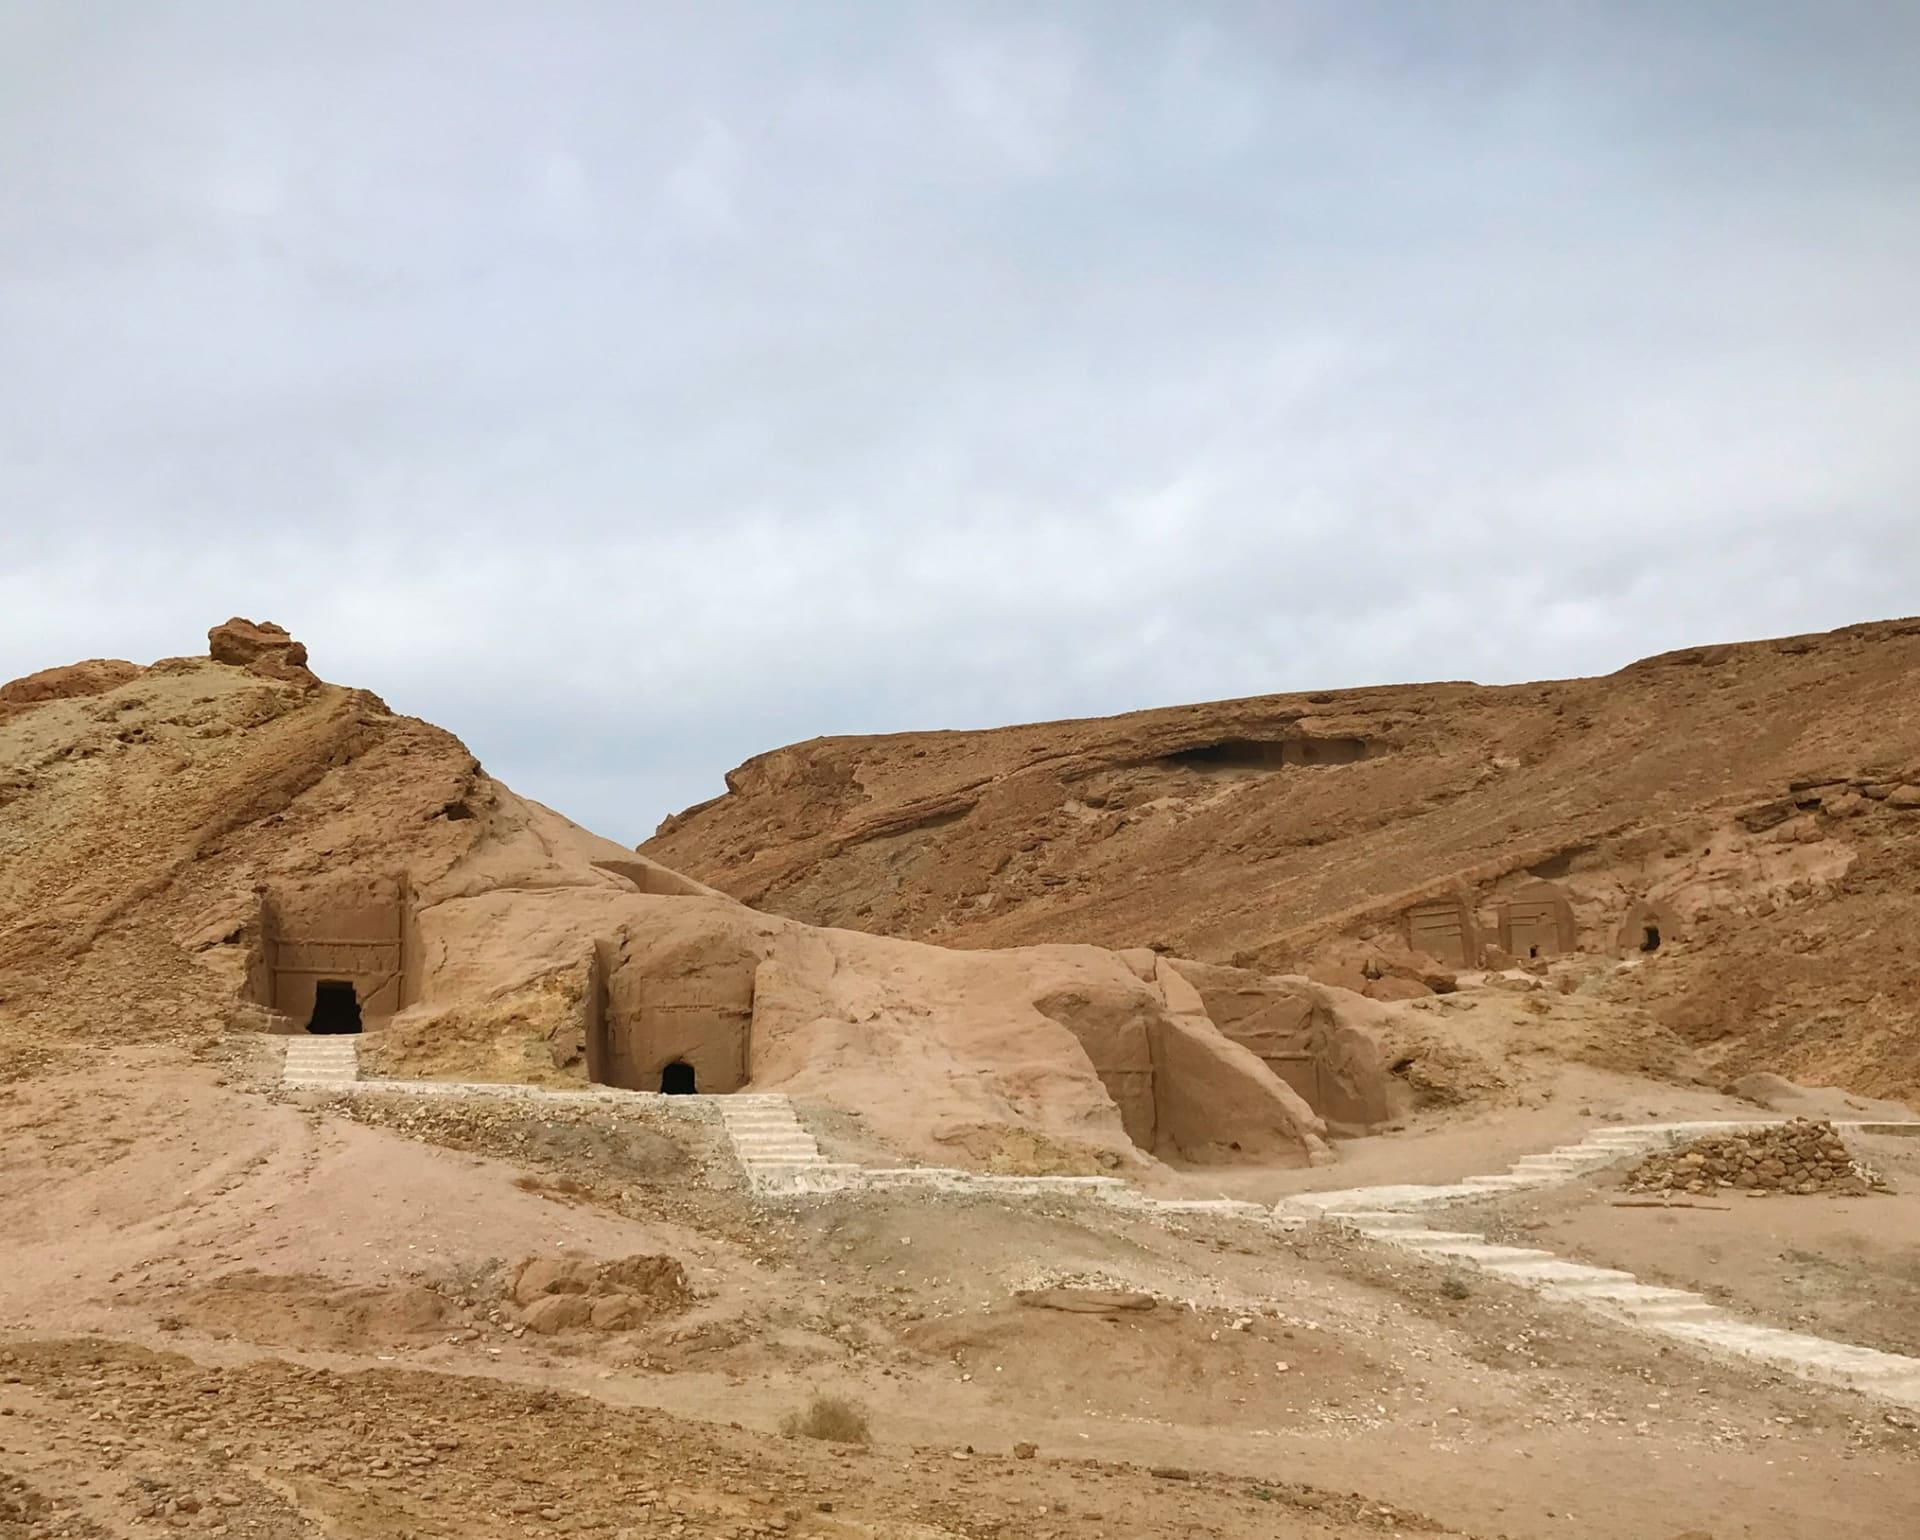 قبور منحوتة في الصخور ترجع إلى العصر النبطي في السعودية.. ما قصتها؟